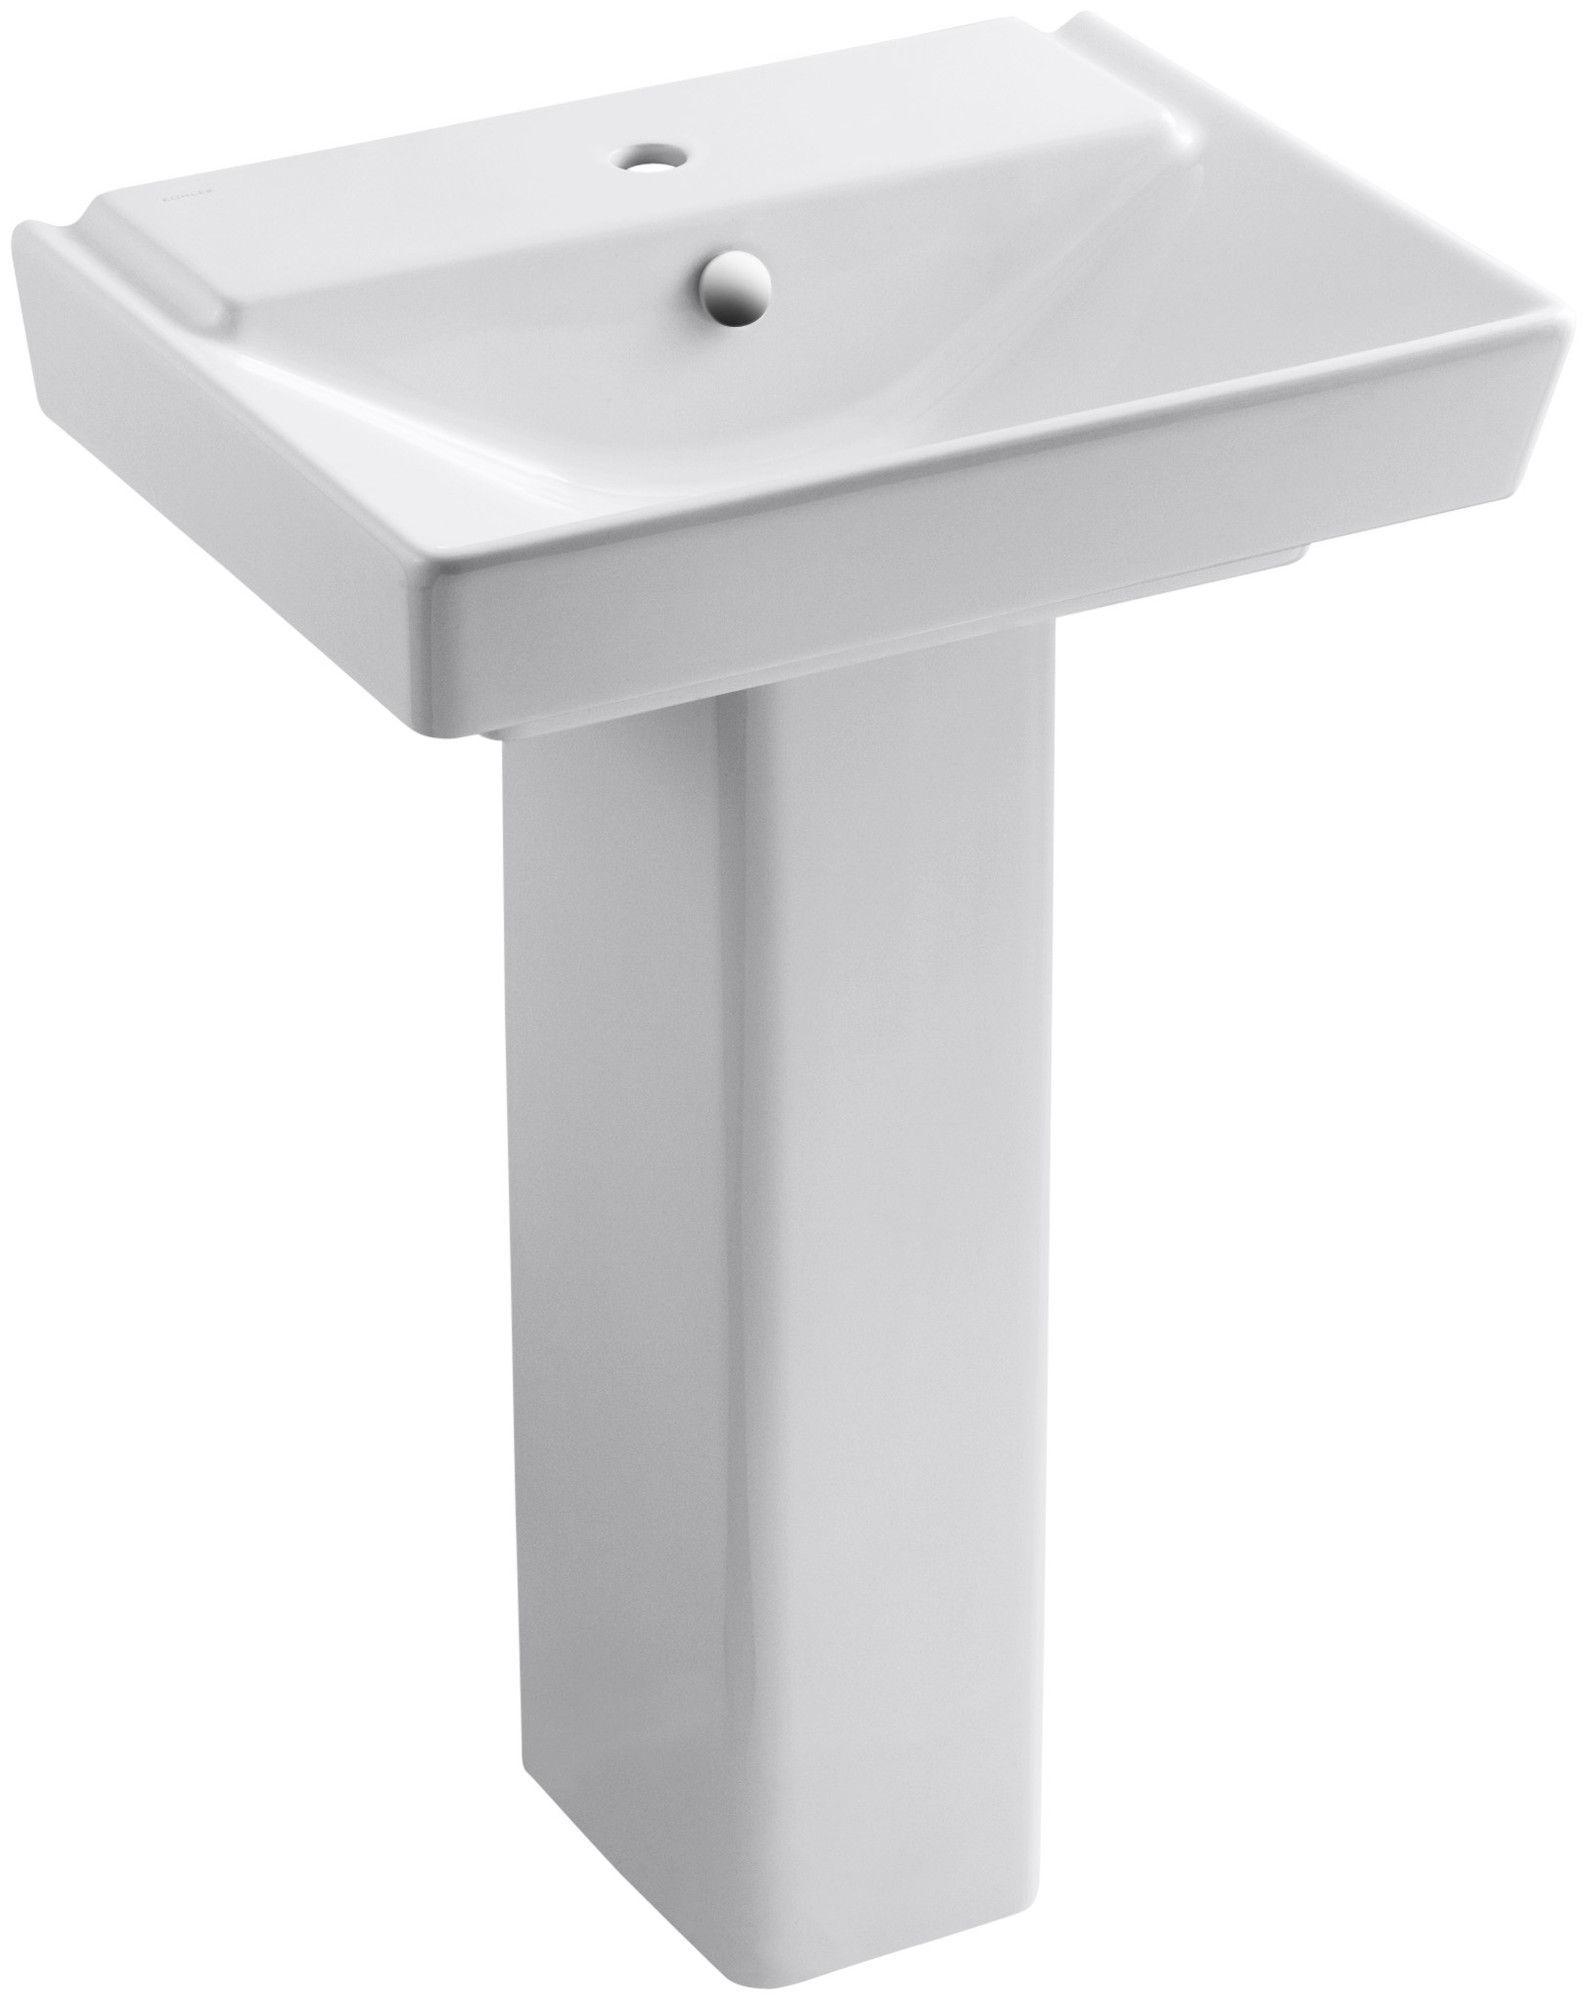 Reve Ceramic Pedestal Bathroom Sink With Overflow Sink Bathroom